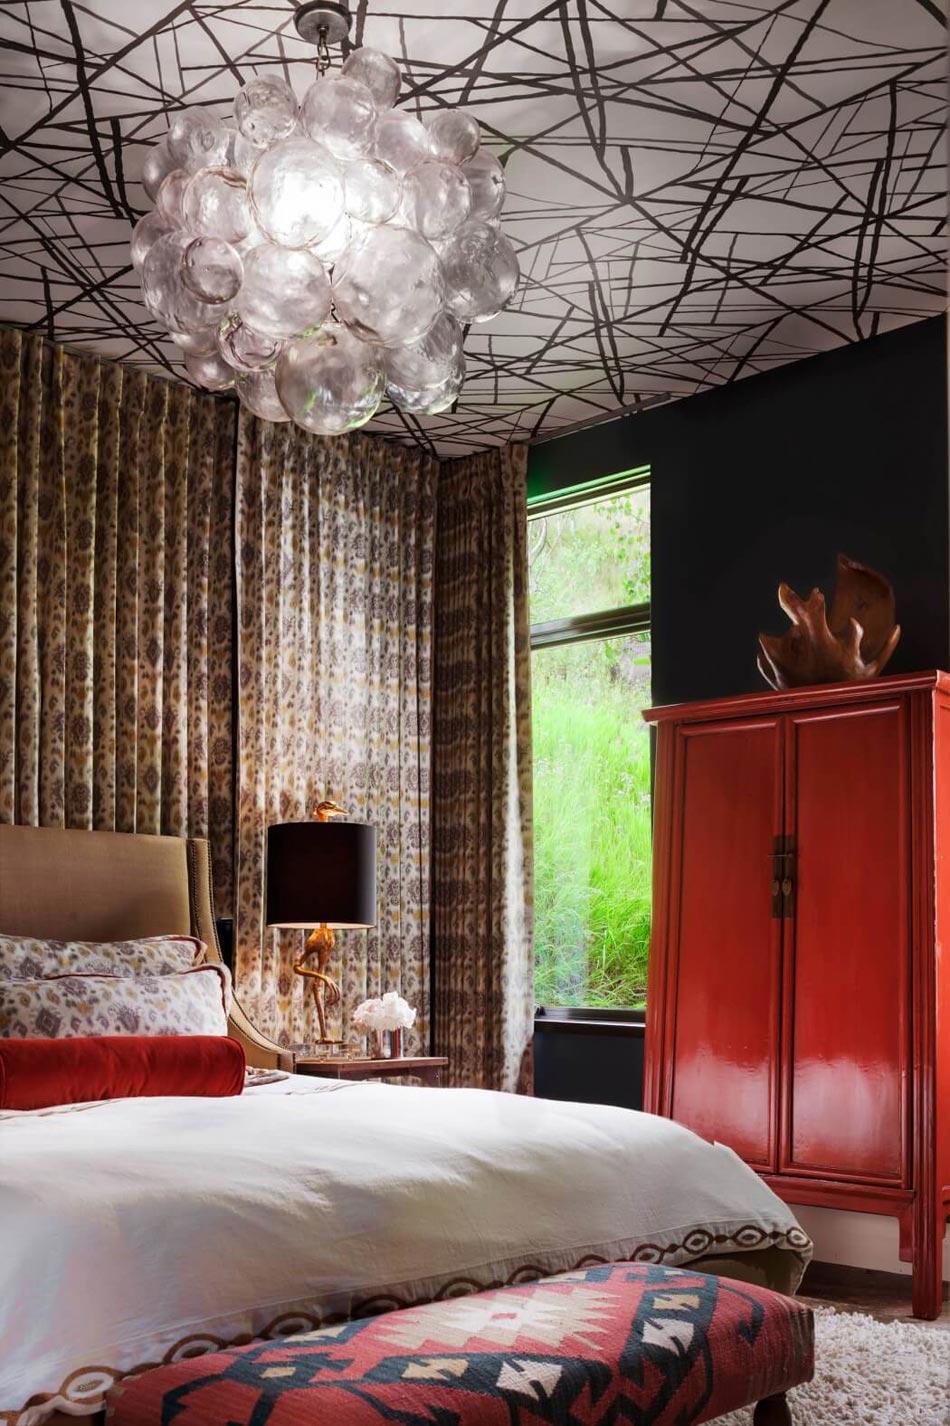 chambre maison de campagne de nombreuses chambres coucher cette luxueuse maison campagne - Chambre Maison De Campagne